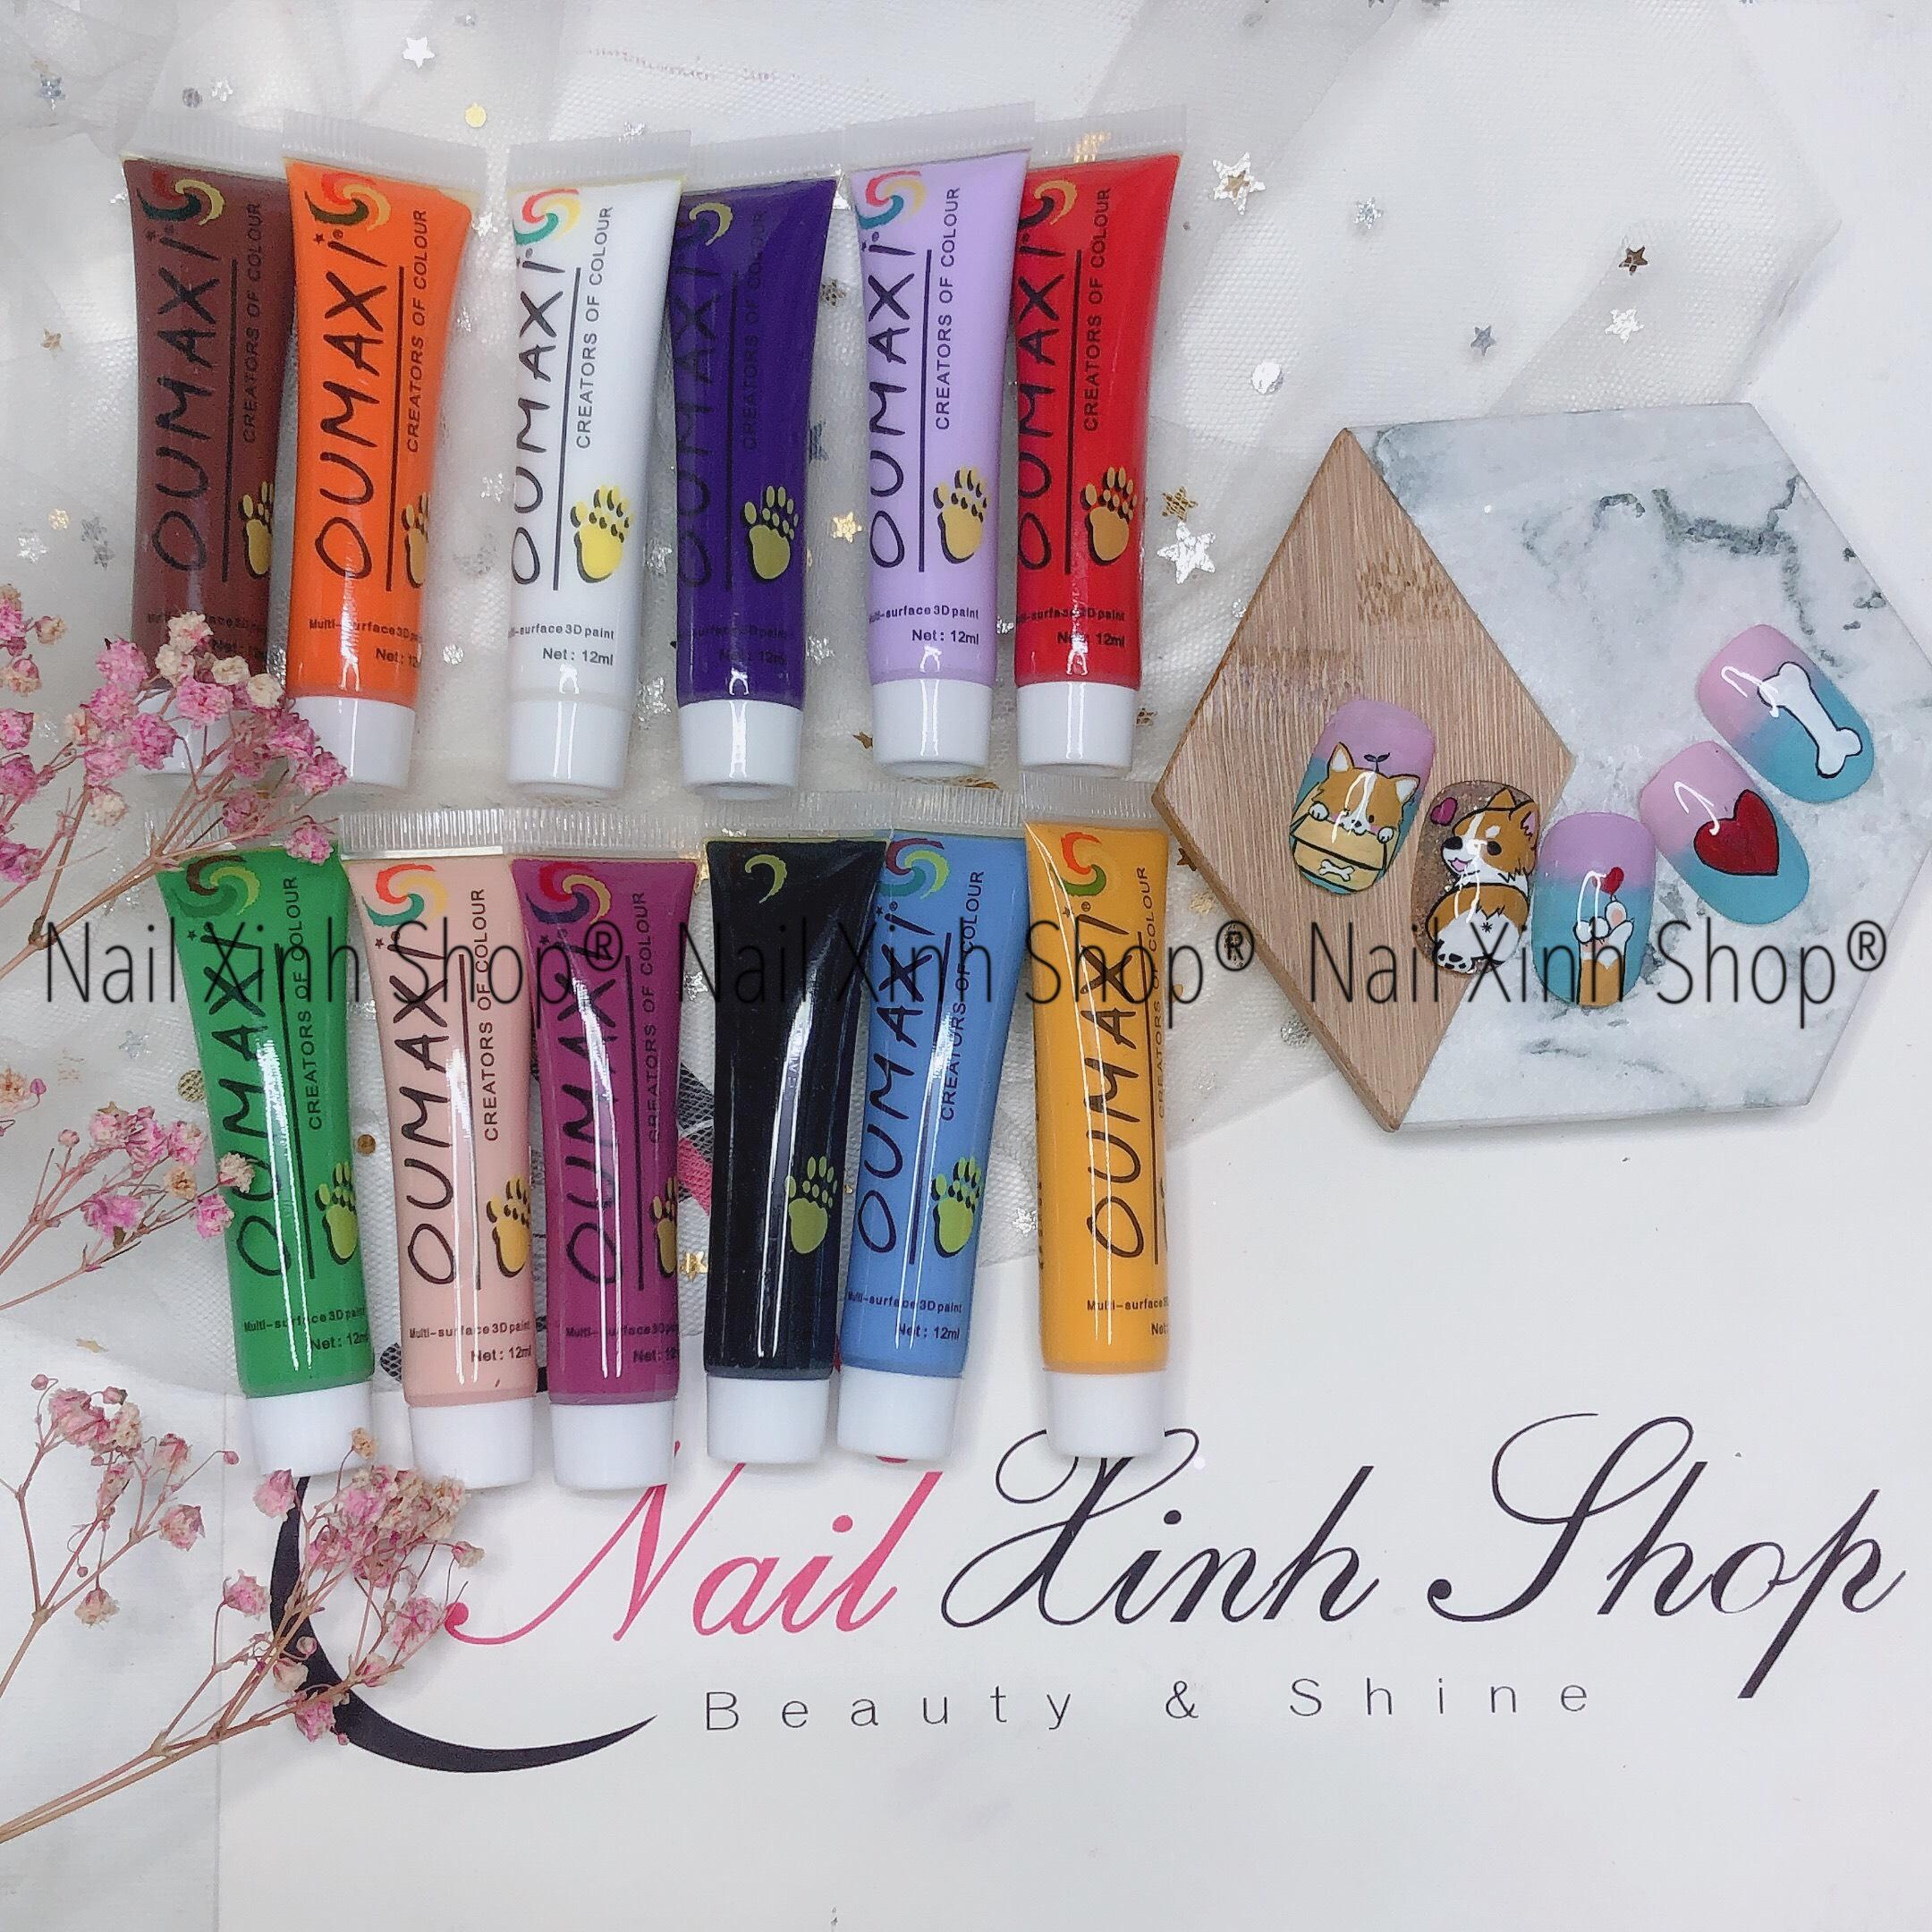 Set 12 tuýp màu vẽ acrylic, màu vẽ móng cao cấp, chuyên dụng nail salon cao cấp